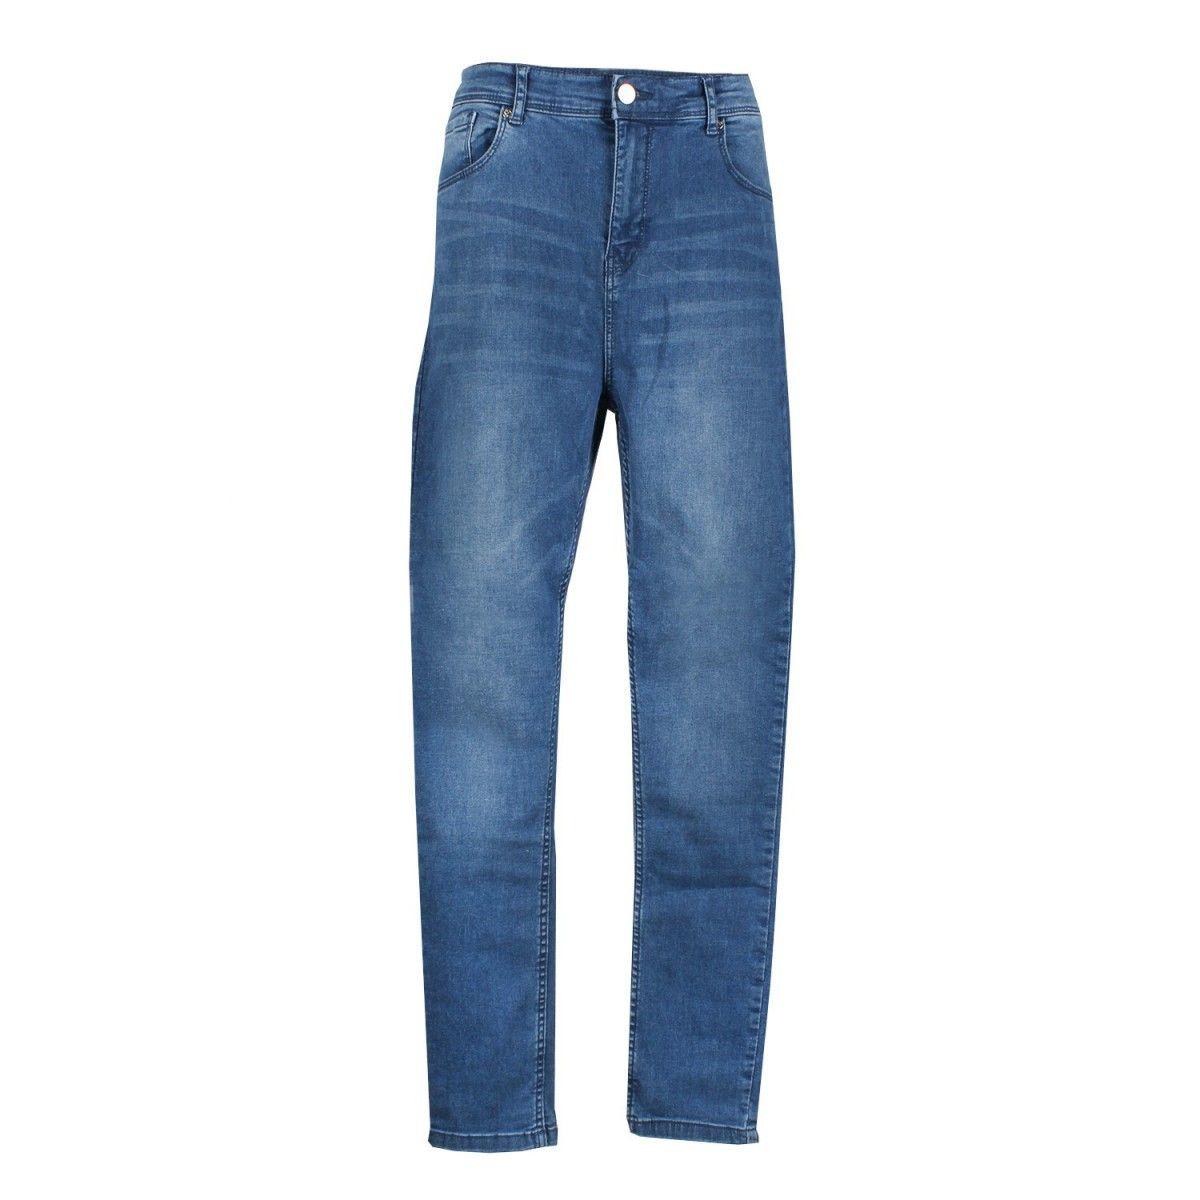 Top secret Jeans Jeans...